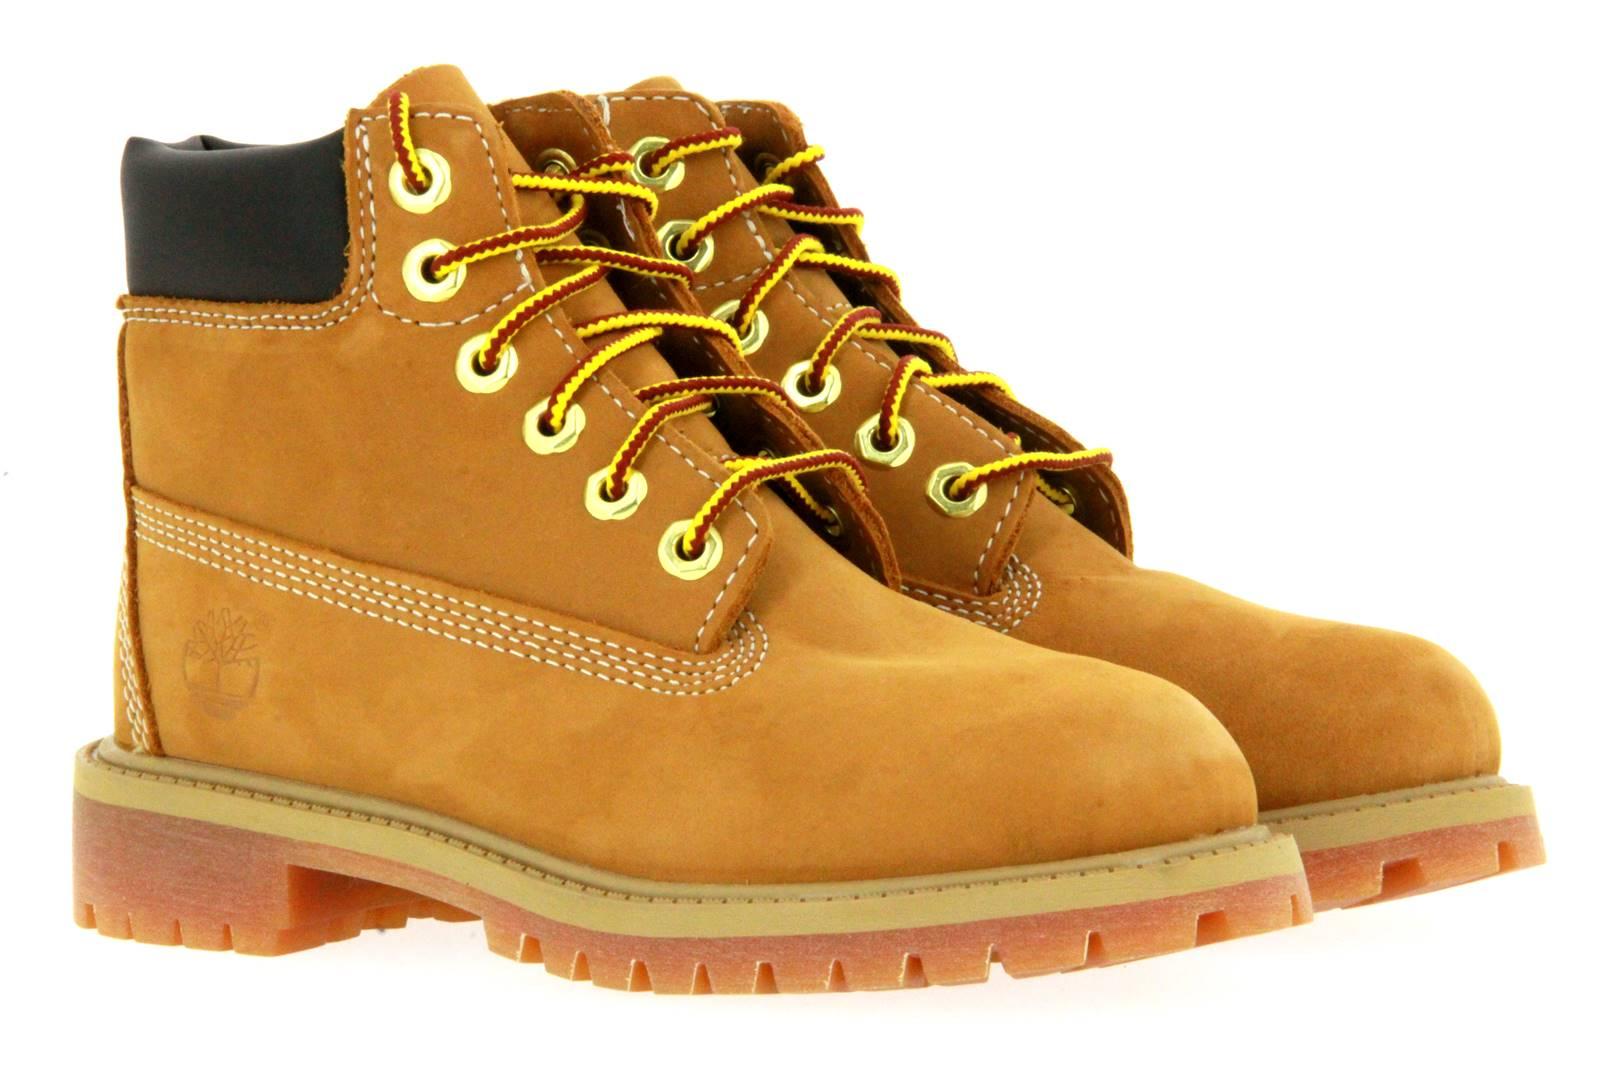 Timberland boots JUNIOR 6 INCH PREMIUM WHEAT NUBUK YELLOW